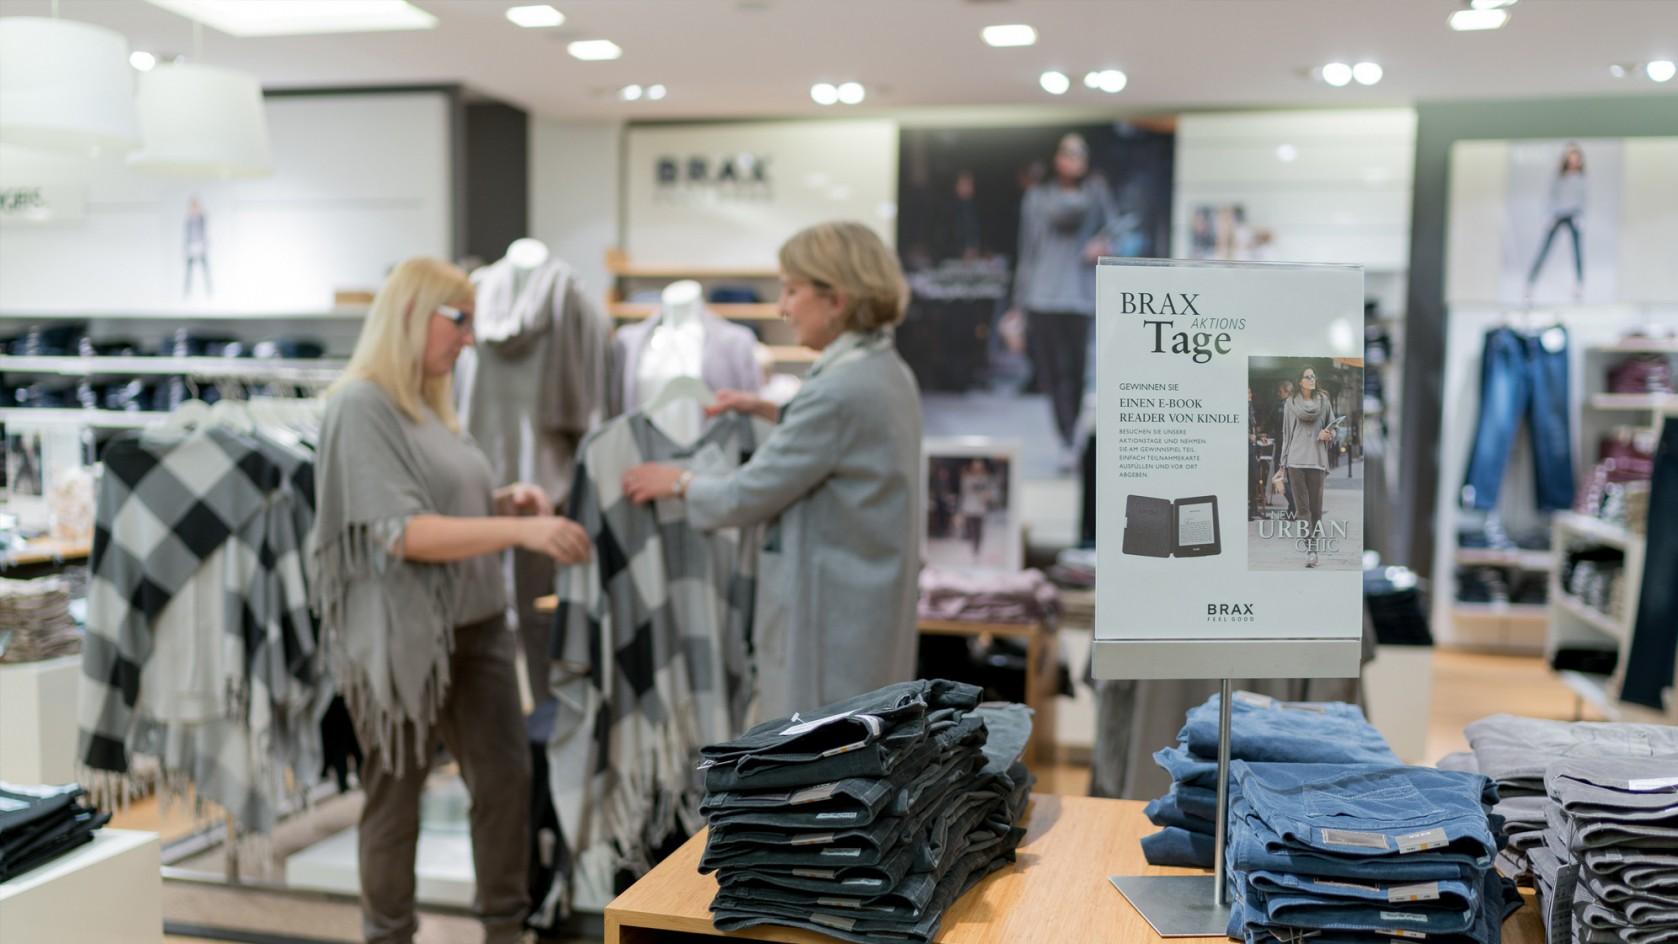 Spielraum große Vielfalt Stile Shop für authentische BRAX Aktionstage | Stein Promotions